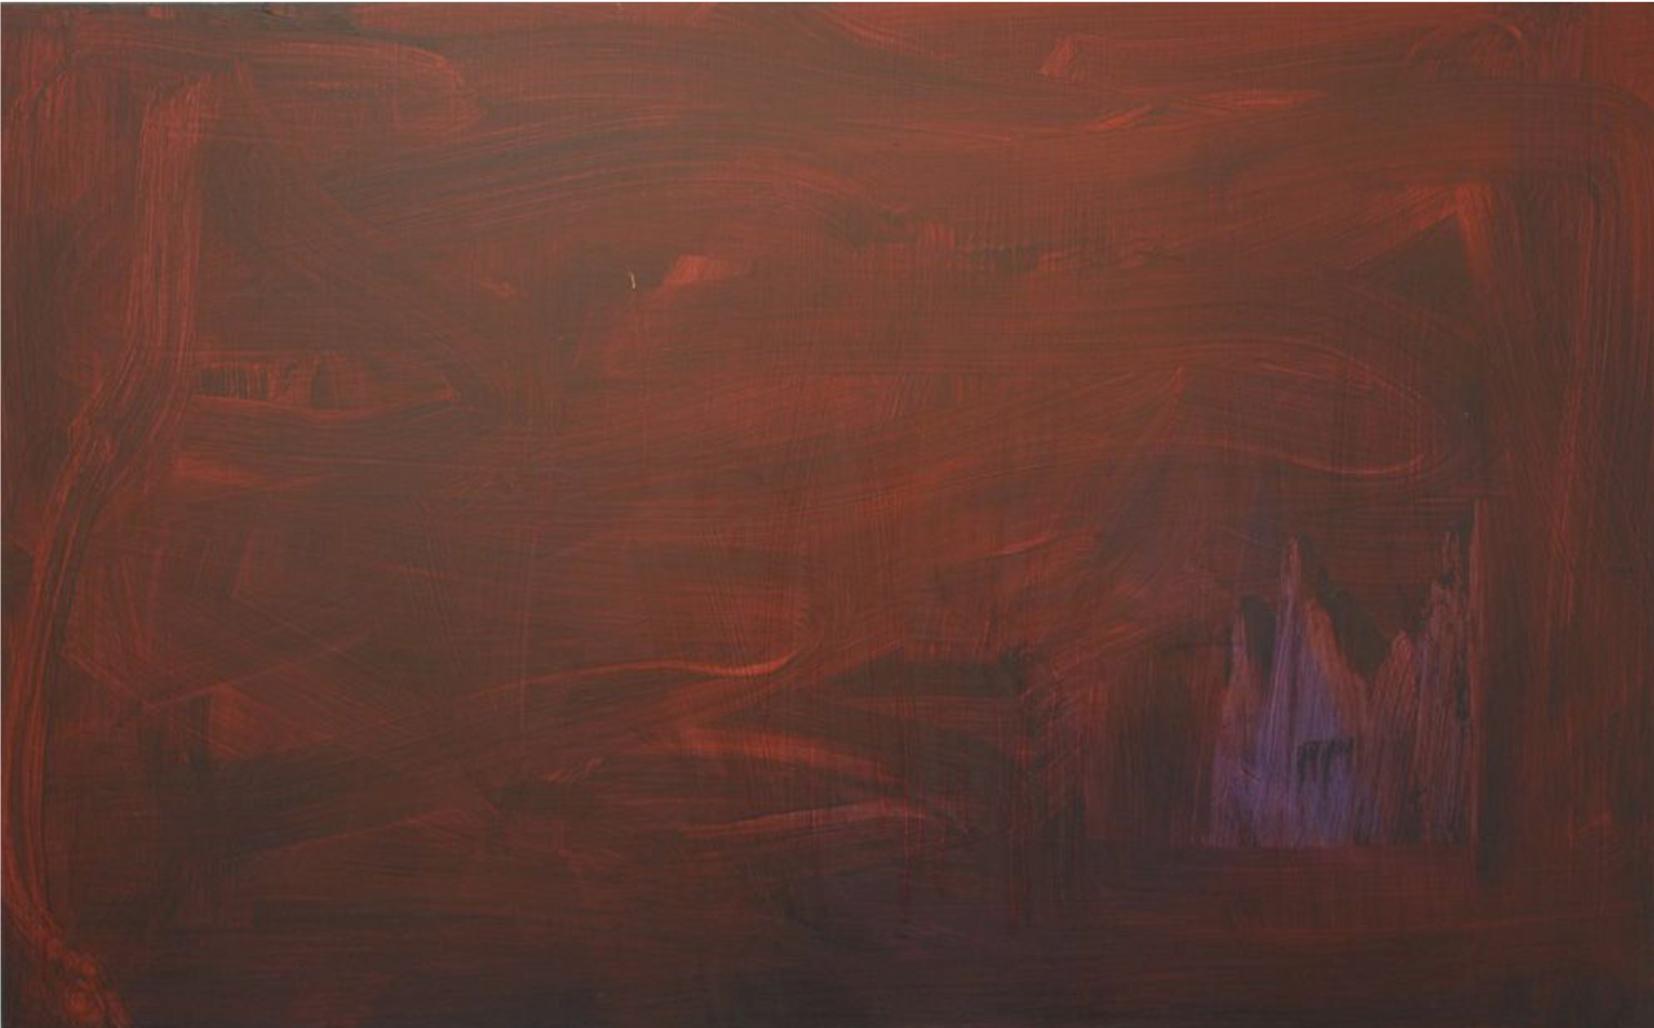 Red ocean #6